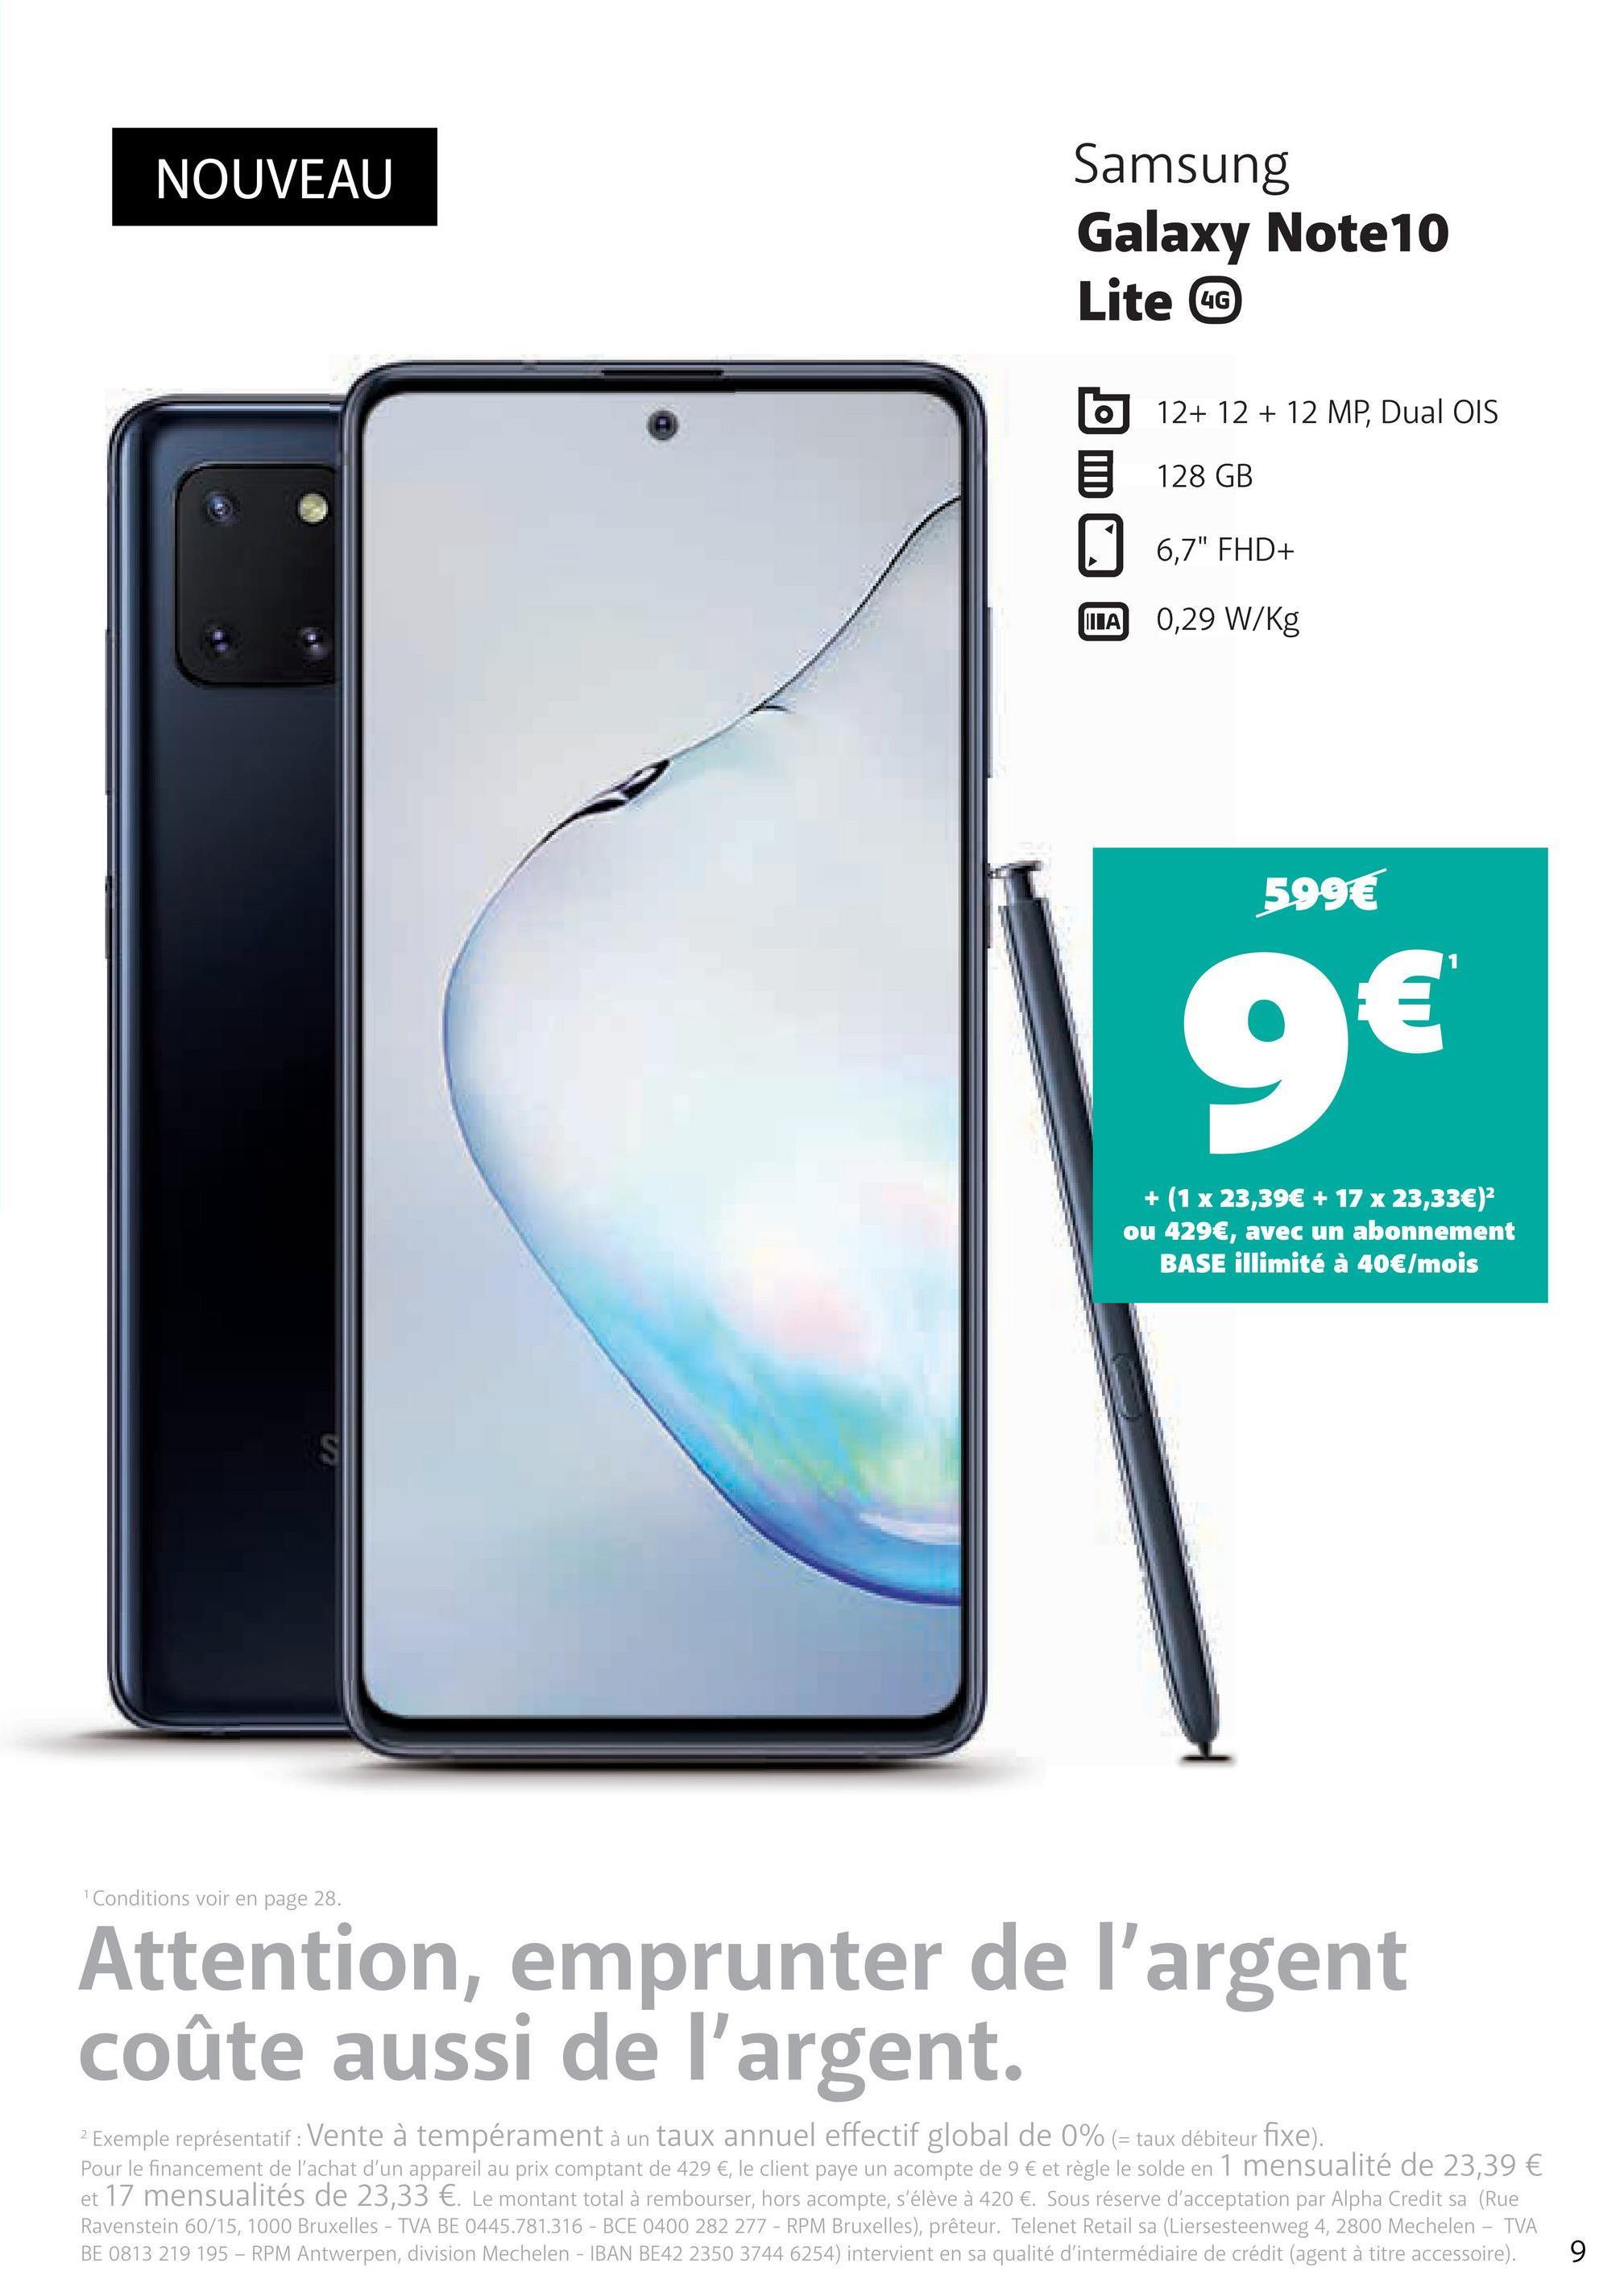 """NOUVEAU Samsung Galaxy Note 10 Lite CC b 12+ 12 + 12 MP, Dual OIS E 128 GB 6,7"""" FHD+ MA 0,29 W/kg 599€ 9€ + (1 x 23,39€ + 17 x 23,33€)? ou 429€, avec un abonnement BASE illimité à 40€/mois Conditions voir en page 28. Attention, emprunter de l'argent coûte aussi de l'argent. 2 Exemple représentatif : Vente à tempérament à un taux annuel effectif global de 0% (= taux débiteur fixe). Pour le financement de l'achat d'un appareil au prix comptant de 429 €, le client paye un acompte de 9 € et règle le solde en 1 mensualité de 23,39 € et 17 mensualités de 23,33 €. Le montant total à rembourser, hors acompte, s'élève à 420 €. Sous réserve d'acceptation par Alpha Credit sa (Rue Ravenstein 60/15, 1000 Bruxelles - TVA BE 0445.781.316 - BCE 0400 282 277 - RPM Bruxelles), prêteur. Telenet Retail sa (Liersesteenweg 4, 2800 Mechelen - TVA BE 0813 219 195 - RPM Antwerpen, division Mechelen - IBAN BE42 2350 3744 6254) intervient en sa qualité d'intermédiaire de crédit (agent à titre accessoire). 9"""